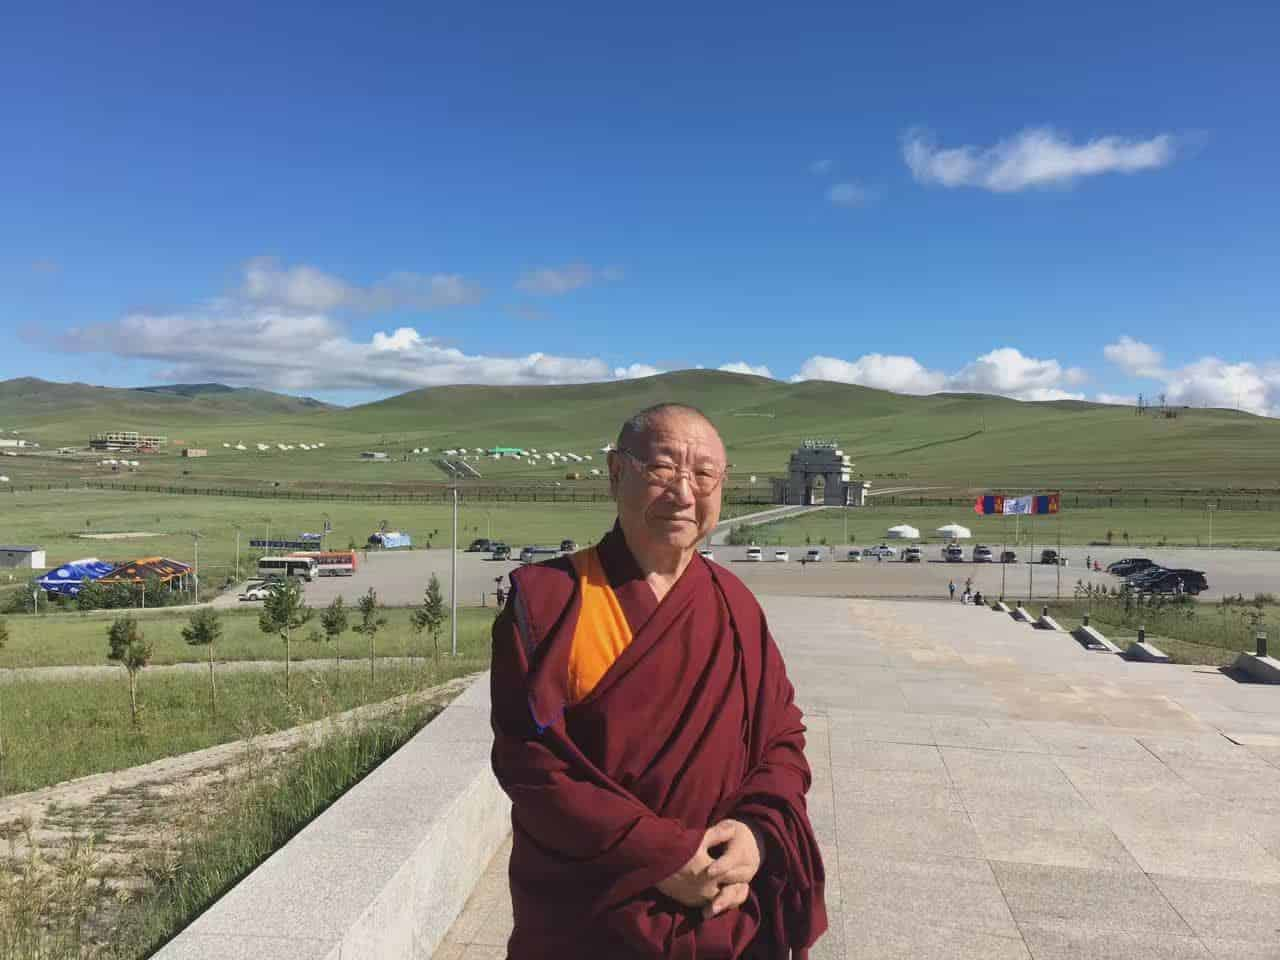 gosok-rinpoche-mongolia-2016-555097d0a677fd788d4dd0d6e59cf35